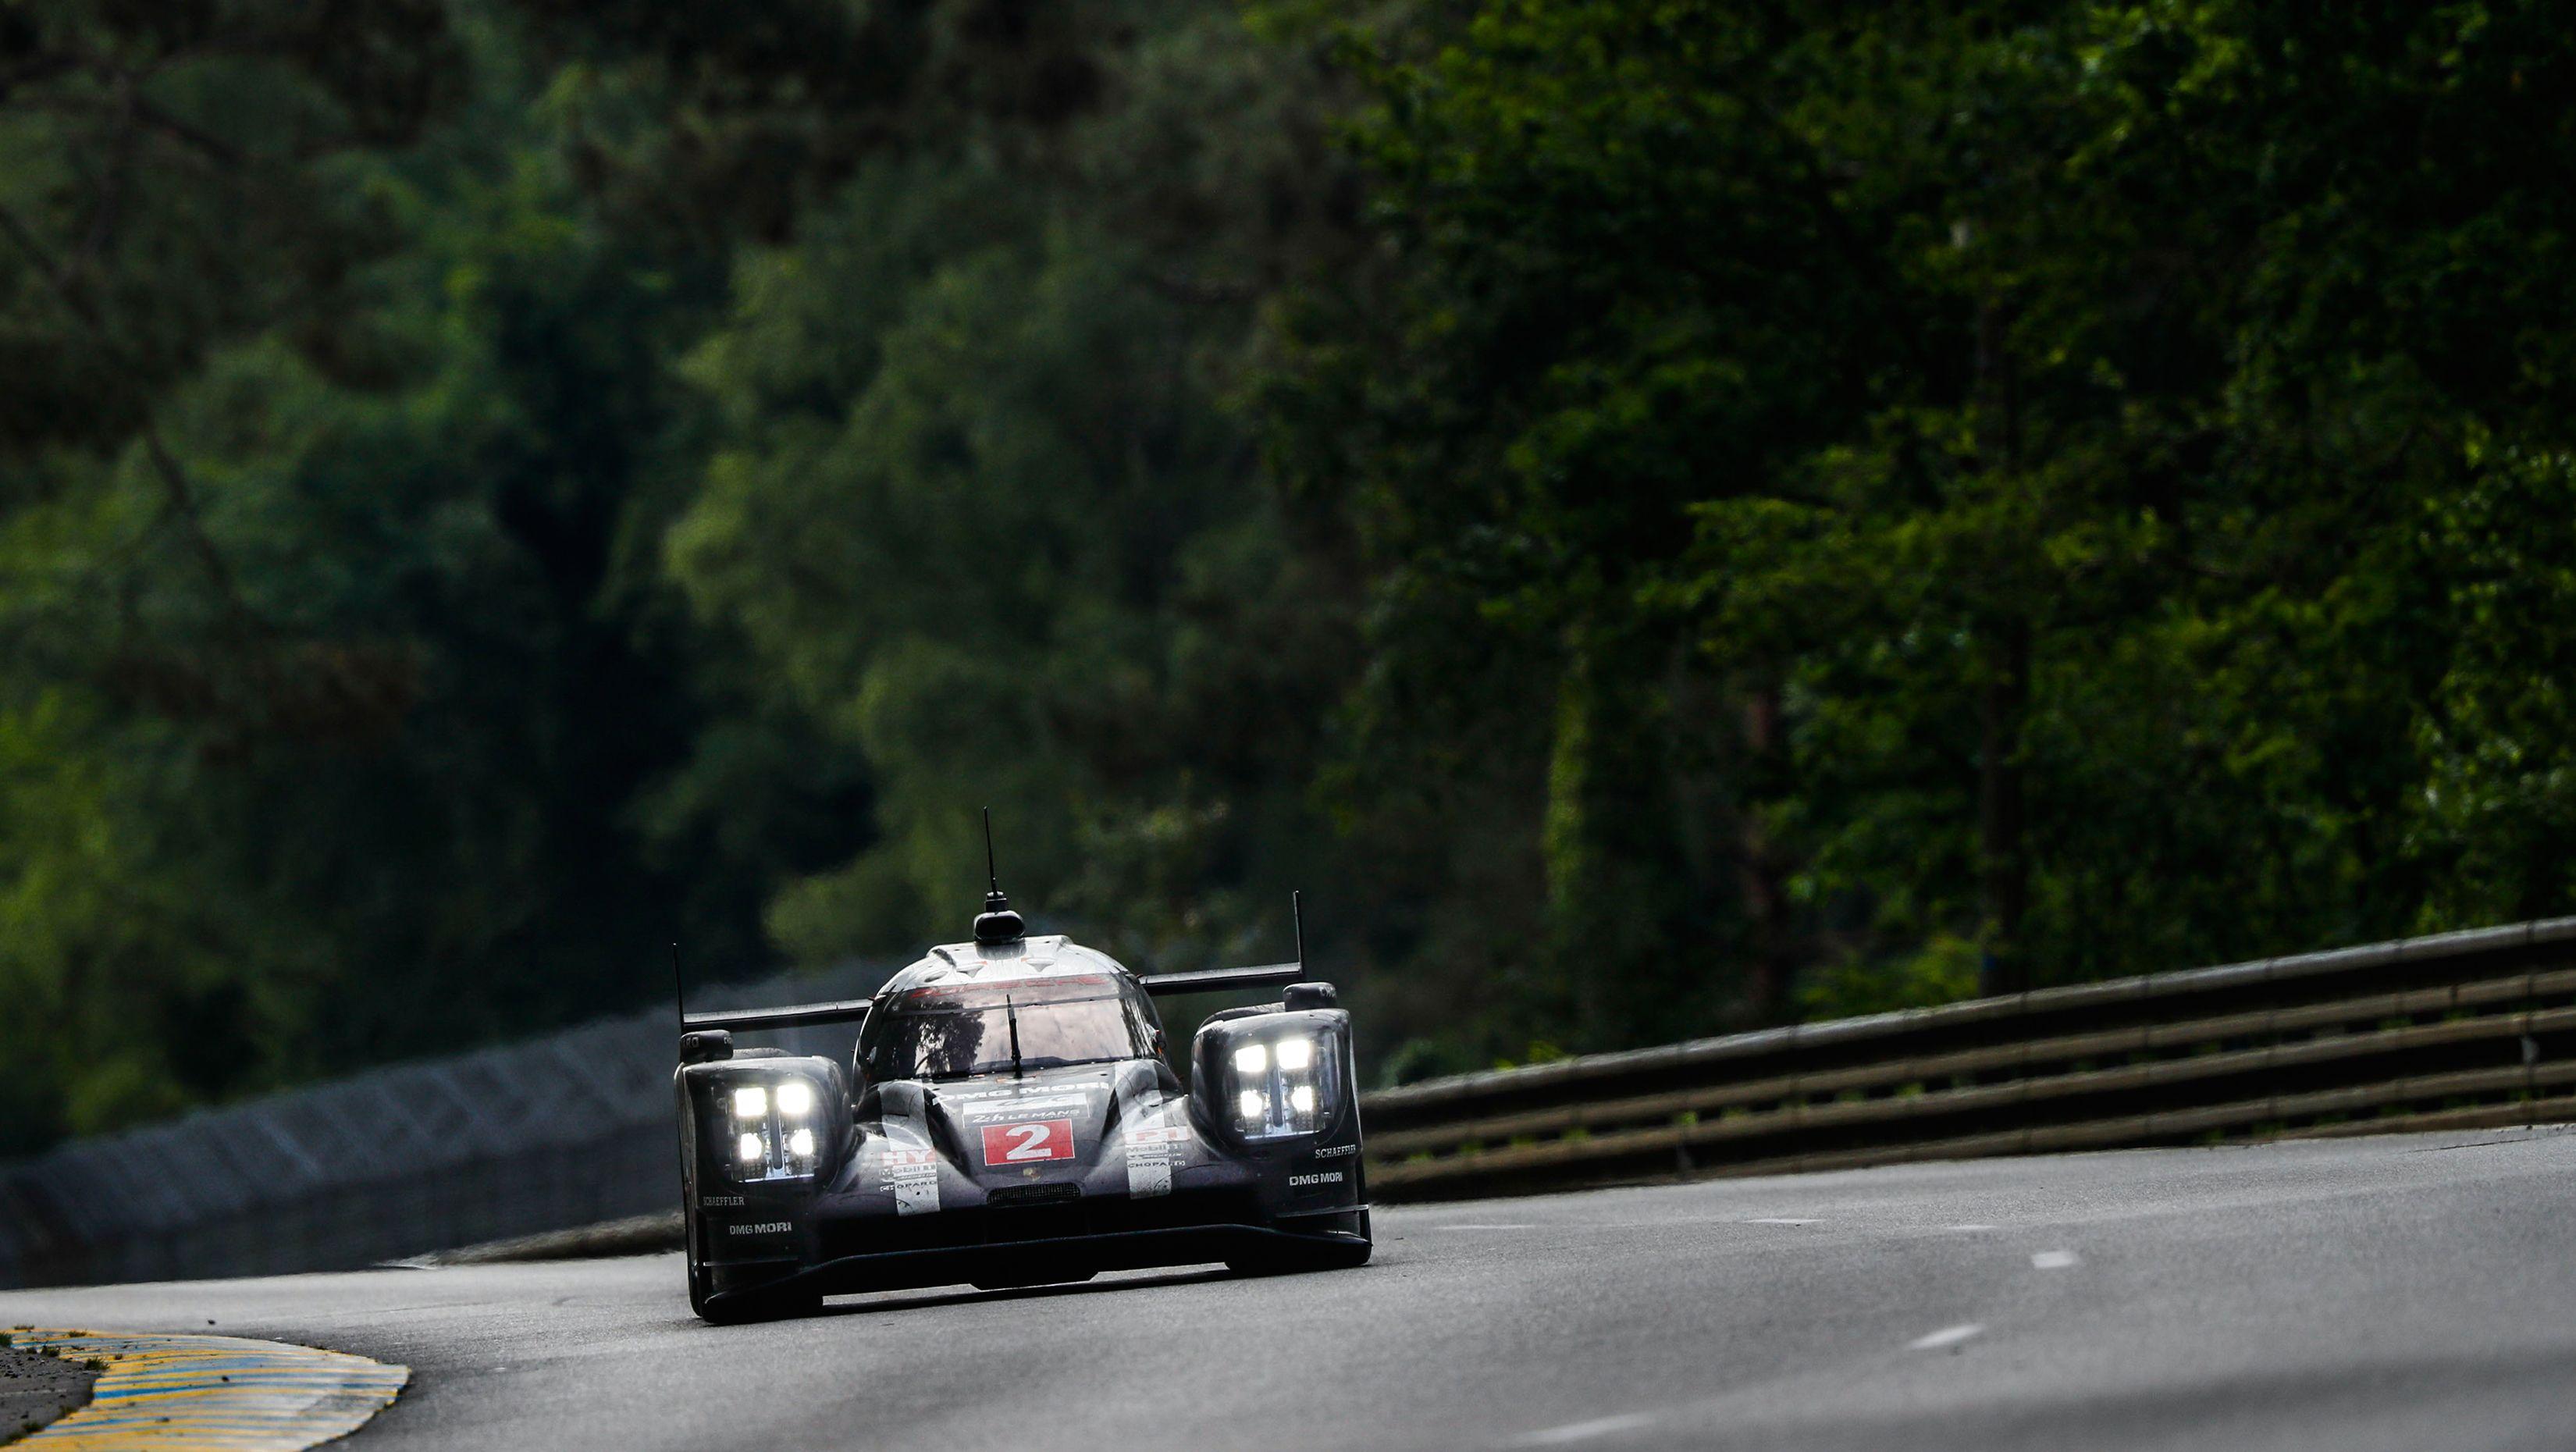 Porsche Hi-Res Wallpapers Le Mans 24 2016 - Album on Imgur